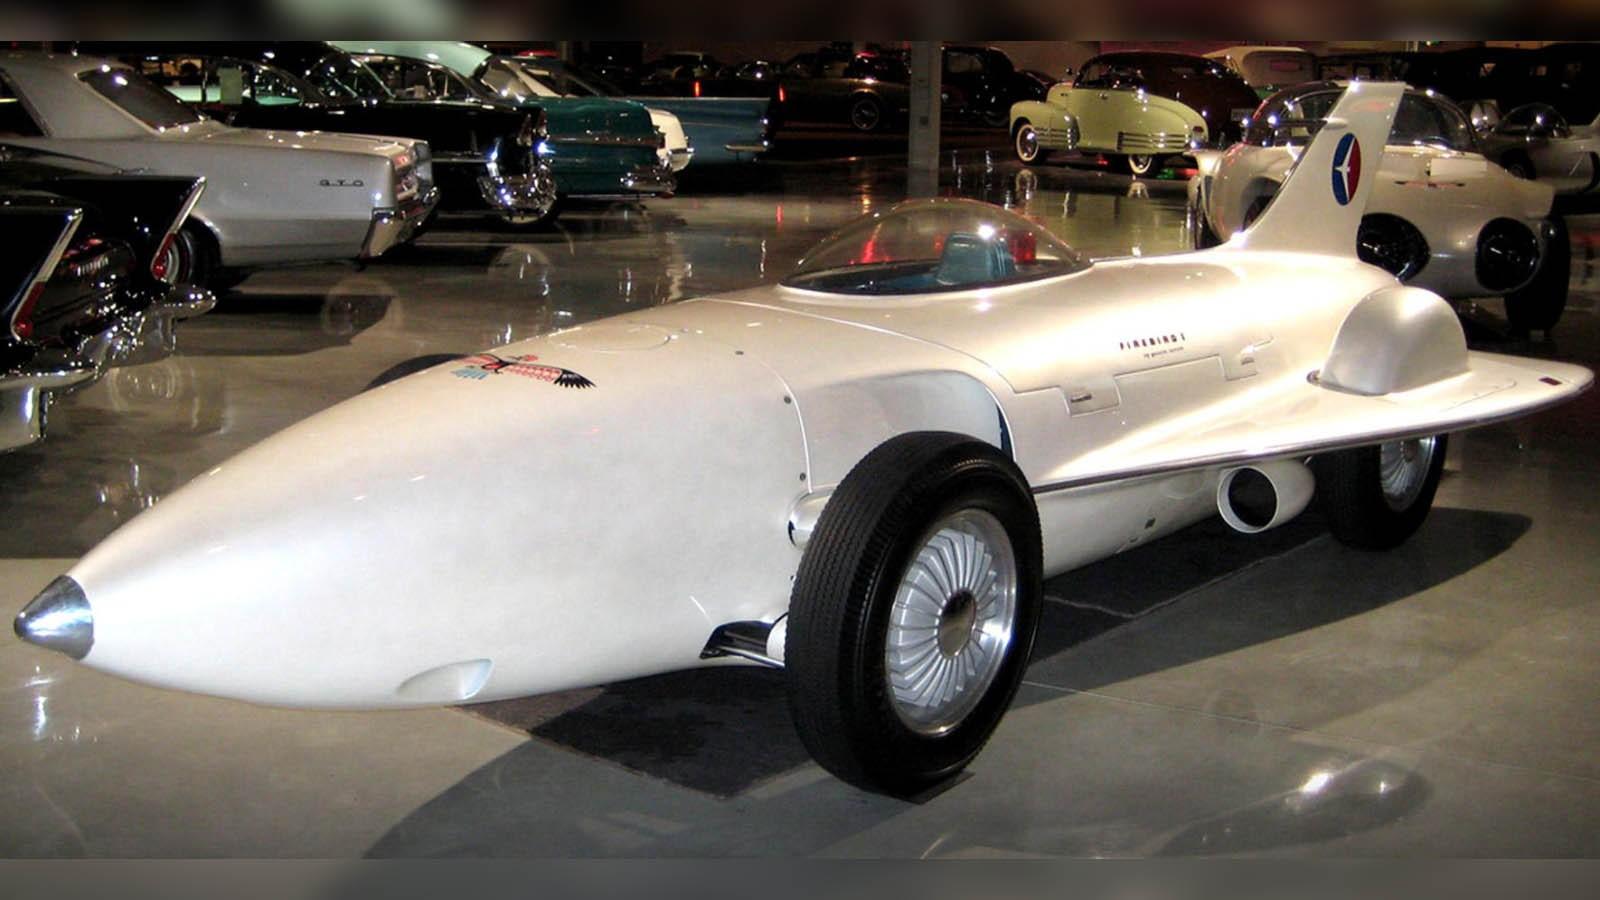 Через три года был представлен более строгий четырехместный вариант Firebird II (XP-43) с новым ГТД GT-304 в 200 сил при рабочем режиме 25 тысяч оборотов в минуту и дисковыми тормозами. На этот раз он был похож на гоночный автомобиль с передним остроконечным обтекателем и упрятанными в него фарами, небольшими боковыми крыльями, прозрачной крышей-фонарём и хвостовым оперением. В отличие от первенца его напичкали мелкими оригинальностями: двухсекционные двери, бортовой компьютер, блок автоматического переключения световых приборов.Второй газотурбинный вариант Firebird II, напоминавший рекордно-гоночный автомобиль. 1956 годХарли Эрл с удовольствием позирует у своего уникального газотурбинного детища GM Firebird IIВскоре за ним появилась третья приземистая шестиметровая «сказочная огненная птица» Firebird III (XP-73) с 225-сильным двигателем GT-305 и самолетным фонарём, ощетинившаяся всеми своими стеклопластиковыми кузовными панелями и ножевидными кромками дверей, крыльев и всевозможных хвостов. Для питания бортовых систем, кондиционера и круиз-контроля служил миниатюрный бензиновый движок в 10 сил.Третий газотурбинный уникум Firebird III с уймой полезных и бесполезных крыльев и крылышек. 1958 годChrysler Corporation: 27 лет во славу газовых турбинВ 1954 году эта корпорация сделала ставку на массовый выпуск перспективных легковых машин с газотурбинными силовыми установками. Для этого было создано специальное подразделение Chrysler Turbine Car, где под руководством главного конструктора Джорджа Хюбнера создавалось обширное семейство легковушек массового пользования с ГТД собственной конструкции, которые внешне особо не отличались от серийных моделей Dodge и Plymouth.Листалка из 3 фото с разными подписямиГазотурбинная 100-сильная машина Plymouth Belvedere после завершения пробега «от океана до океана». 1956 годДемонстрация автомобиля Plymouth Fury с двигателем CR-2. Слева — изобретатель Джордж Хюбнер. 1959 годГазотурбинное купе Dodge Dart-330 Turbo с 140-сильным ГТД CR-2A